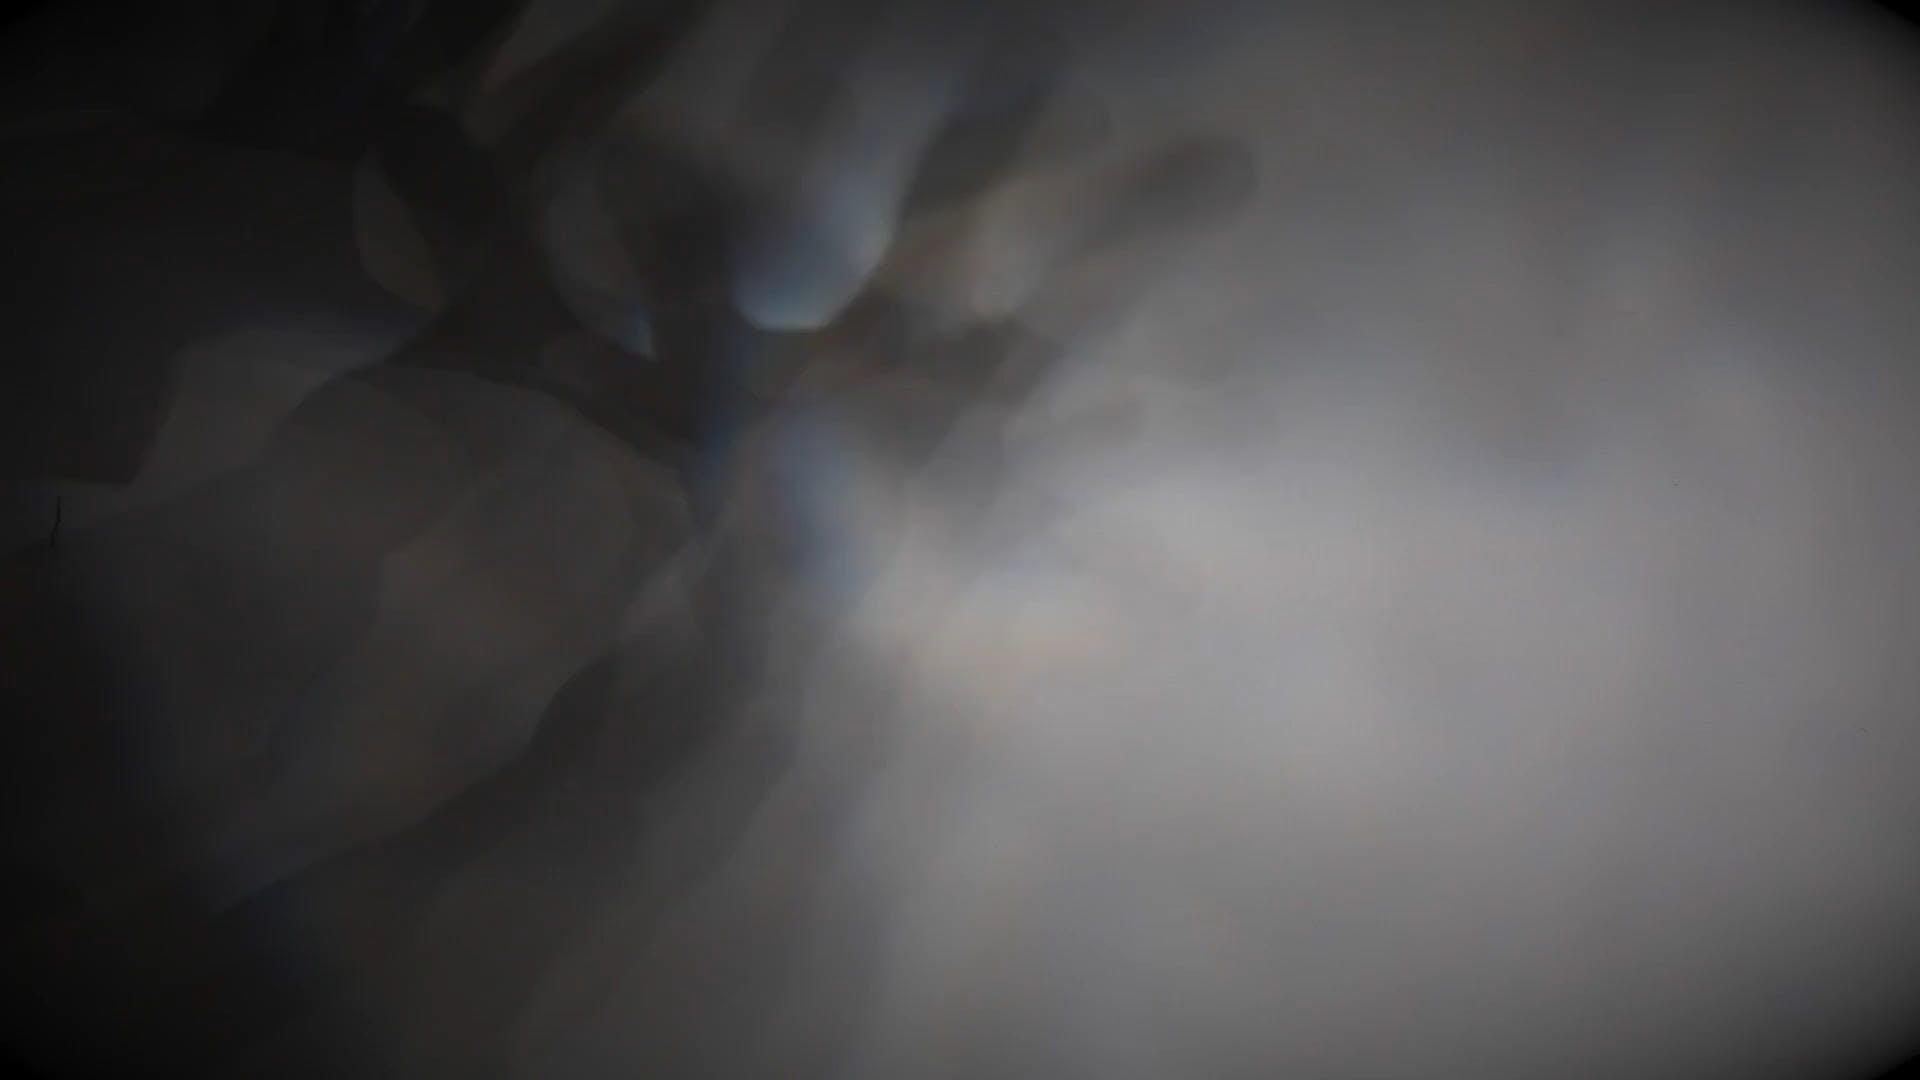 Hands in Fog